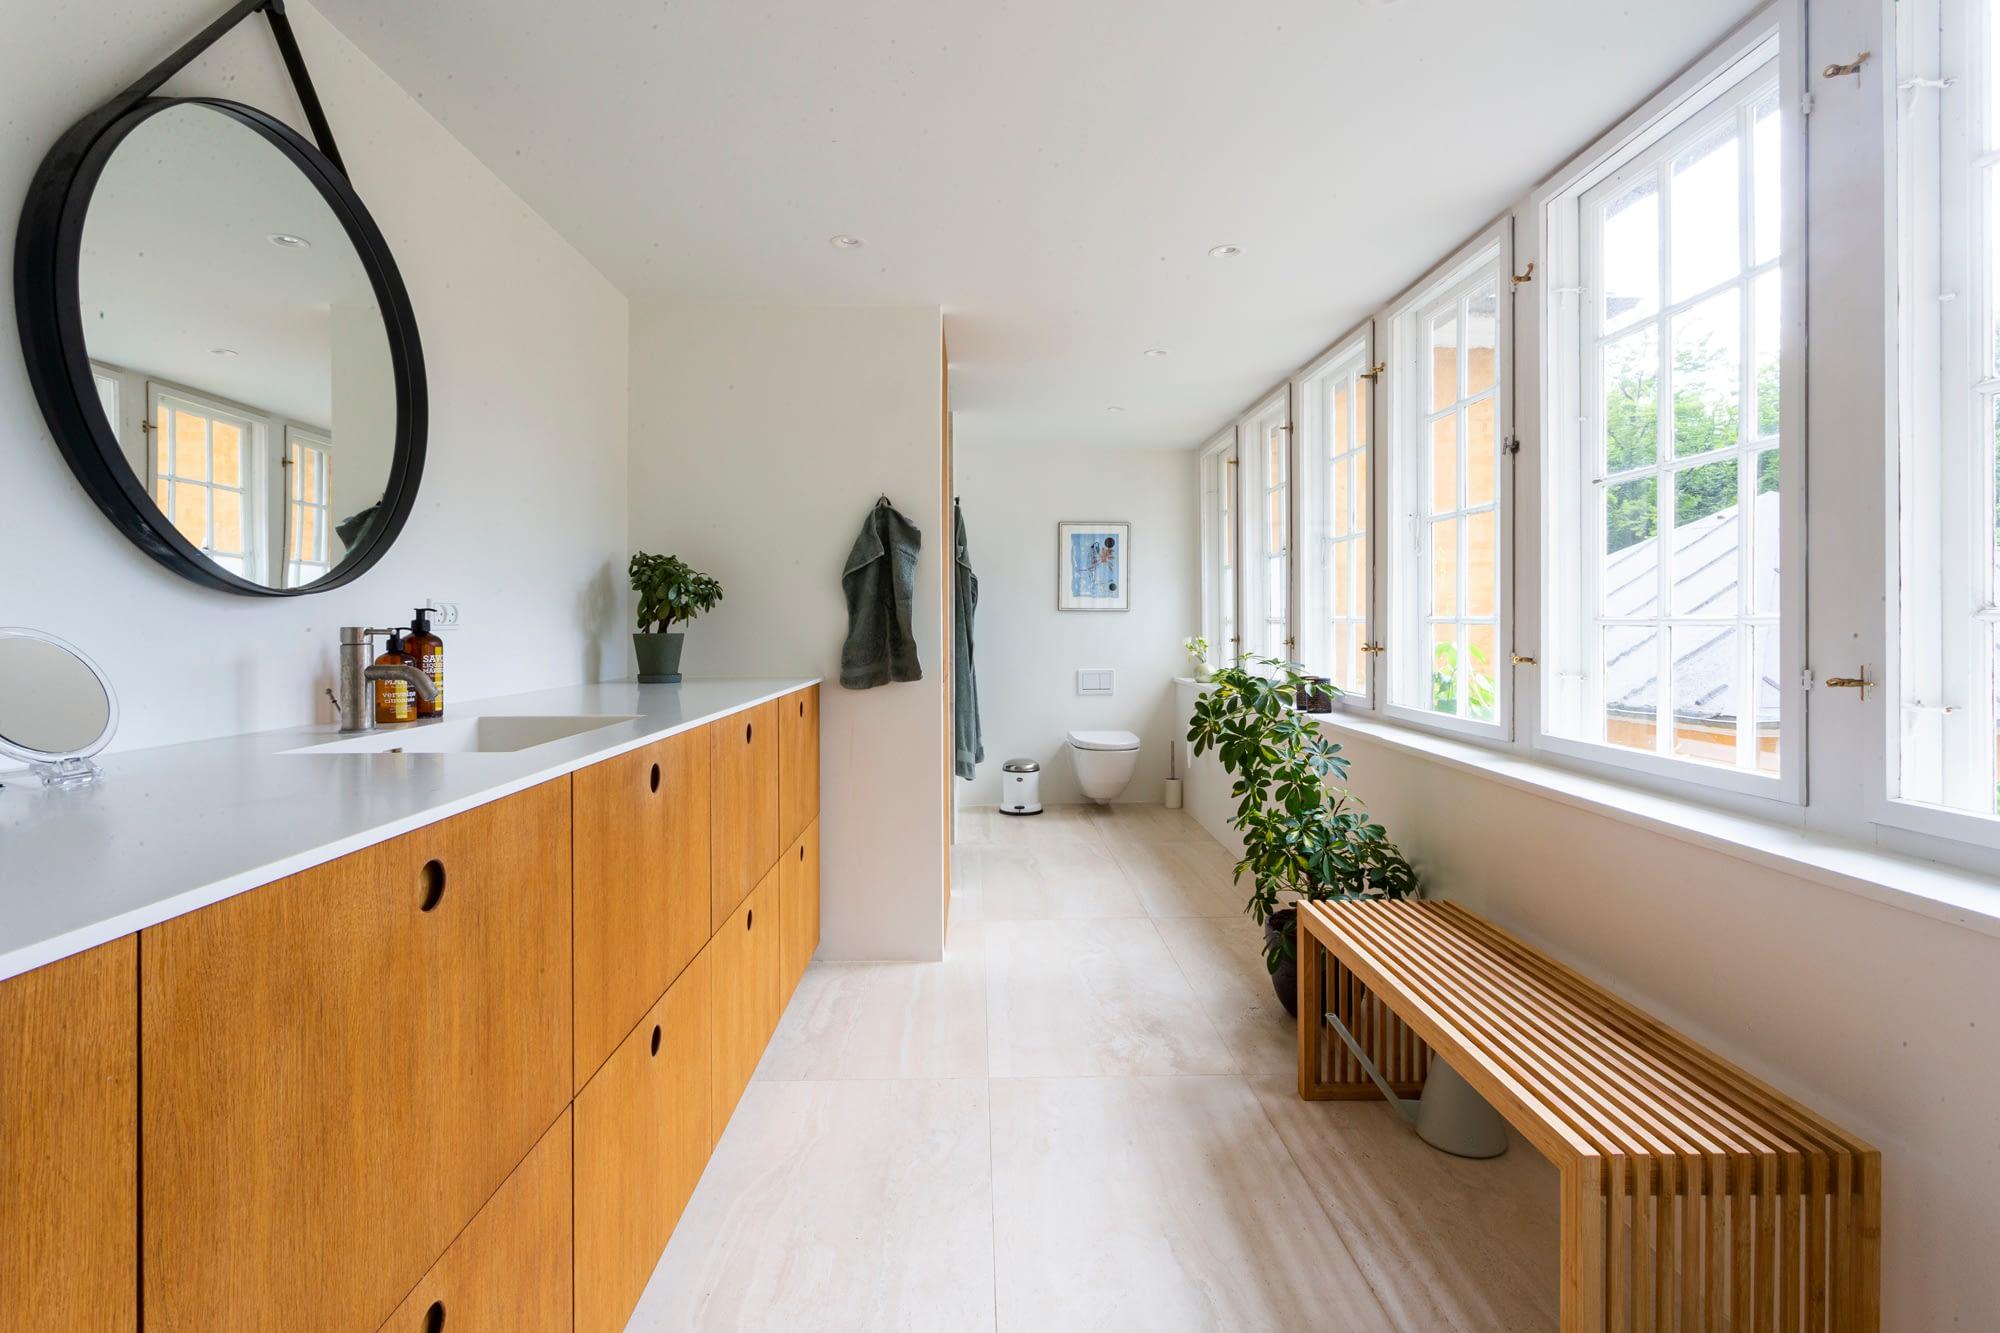 Nyt Bad Eller Renovering Af Dit Gamle Badevaerelse Byggeselskabet Nord